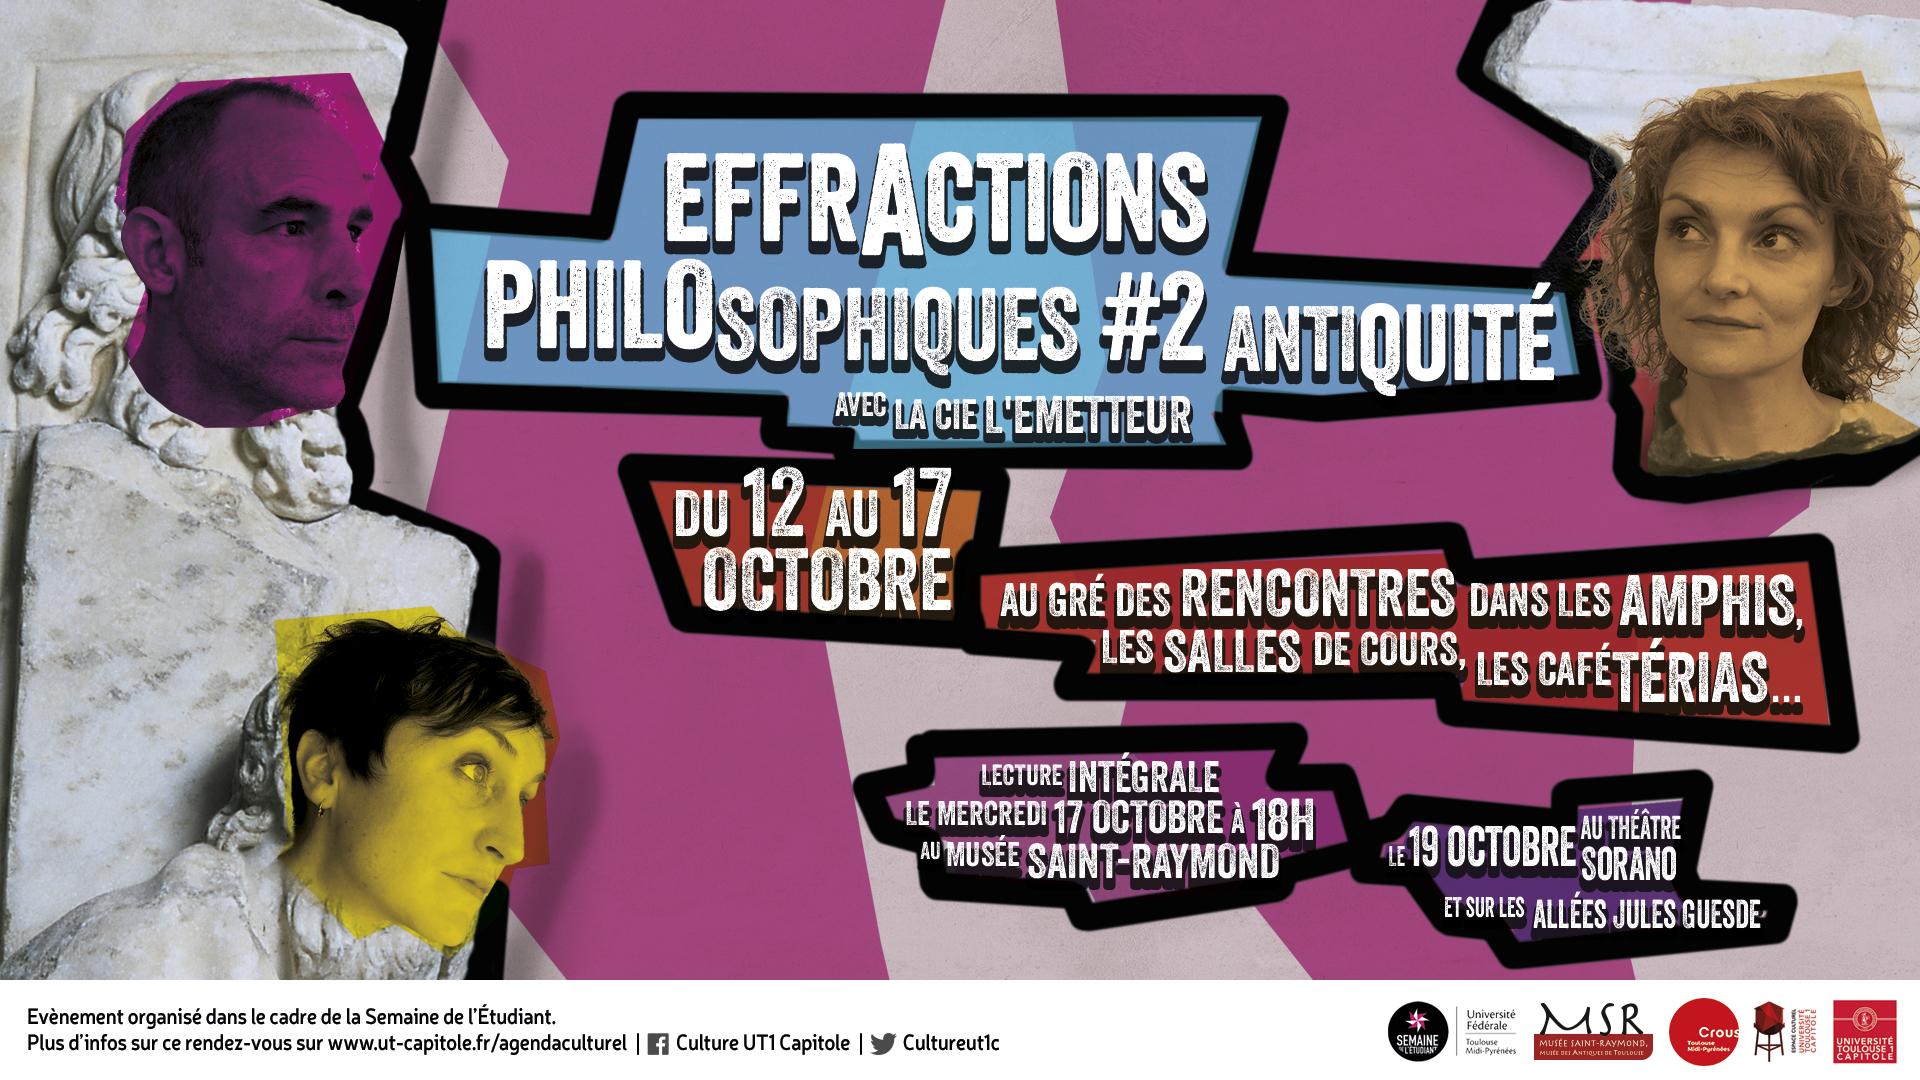 Culture - Effractions philosophiques #2